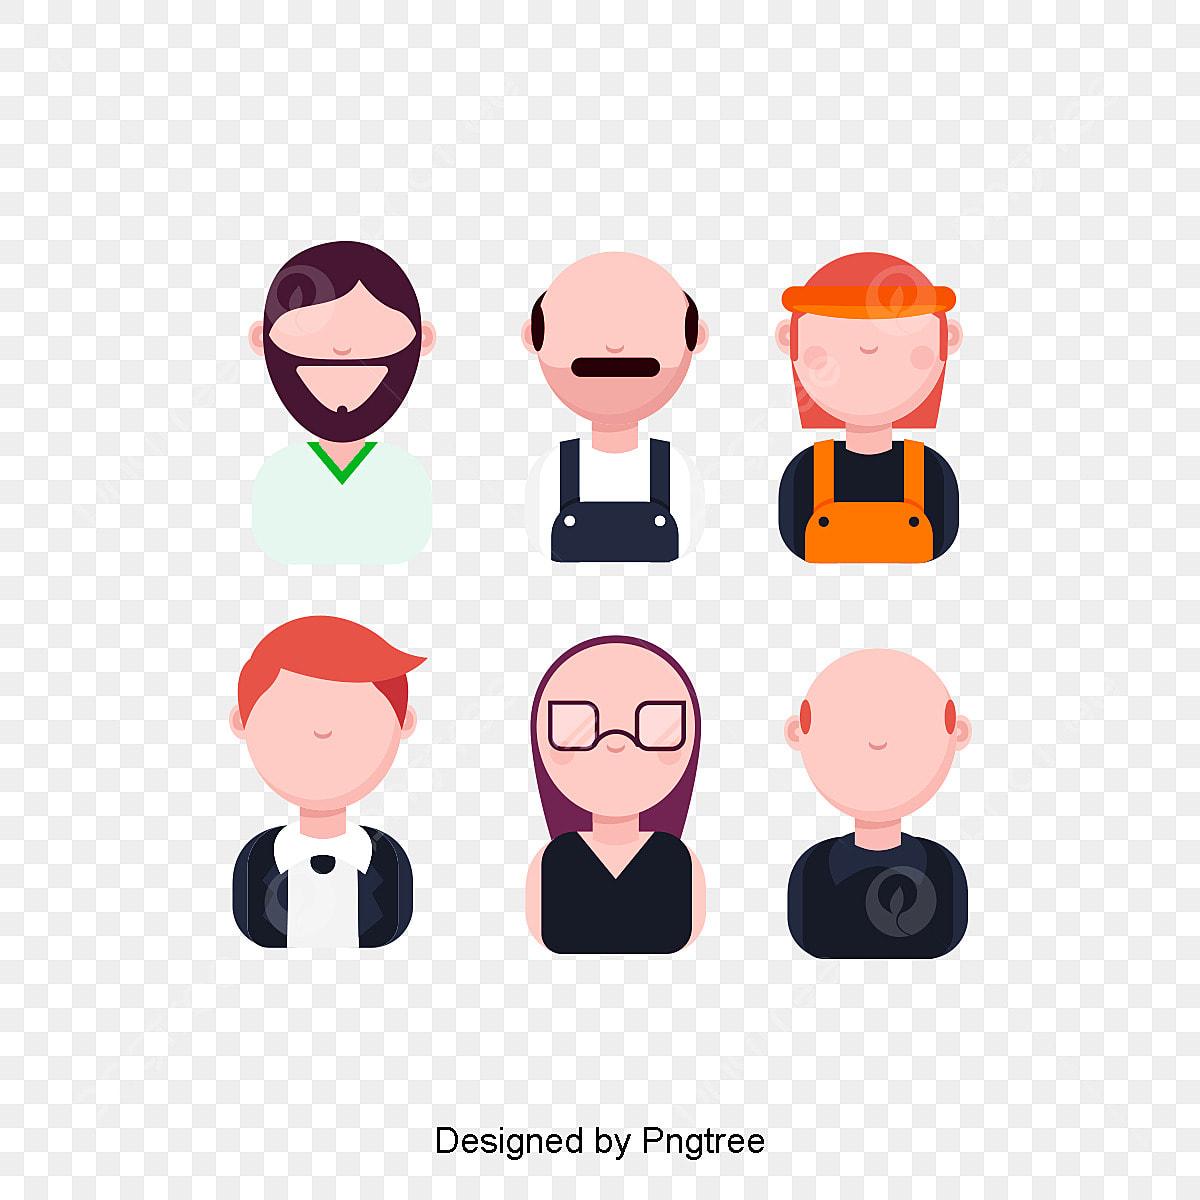 8d1d56d34 الناس ناقلات تصميم مسطح شخصيات مجهولة شخصيات كرتونية من مهن مختلفة ...